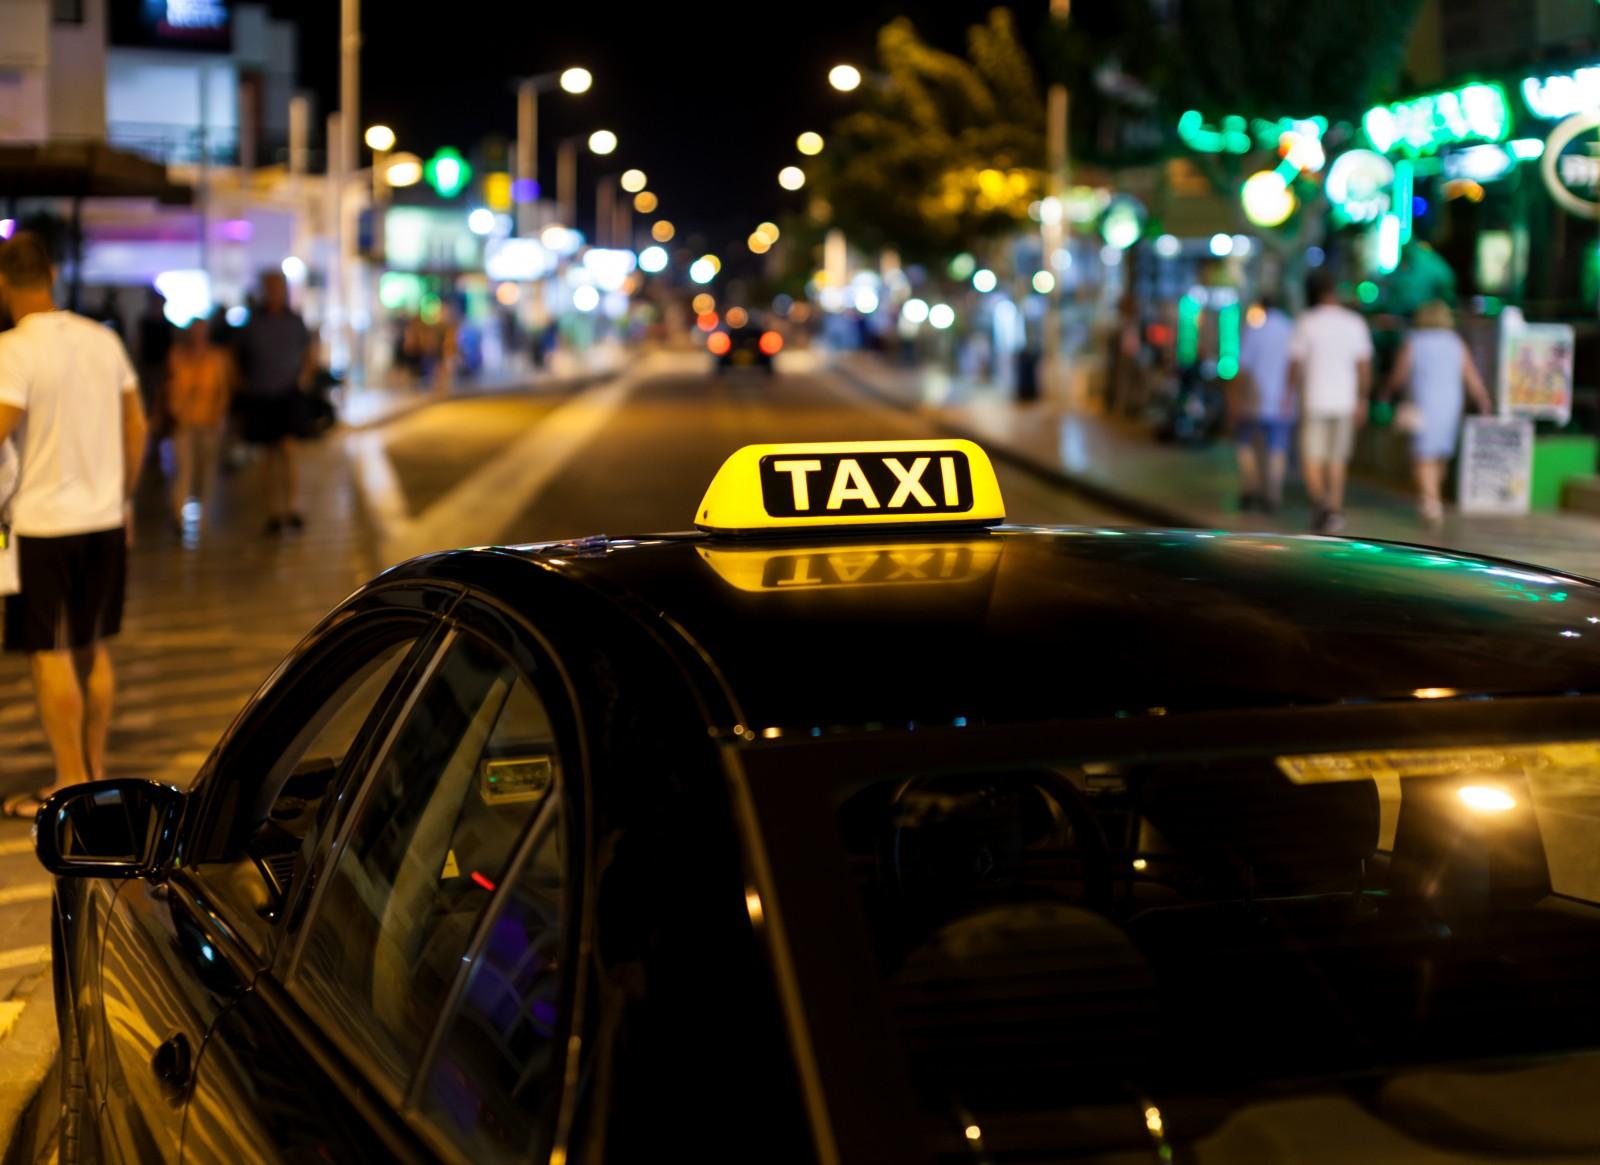 1-ელი ნოემბრიდან რეგისტრაცის გავლის გარეშე ტაქსით მომსახურეობა ჩაითვლება უნებართვო საქმიანობად და 200-ლარიან ჯარიმას გამოიწვევს